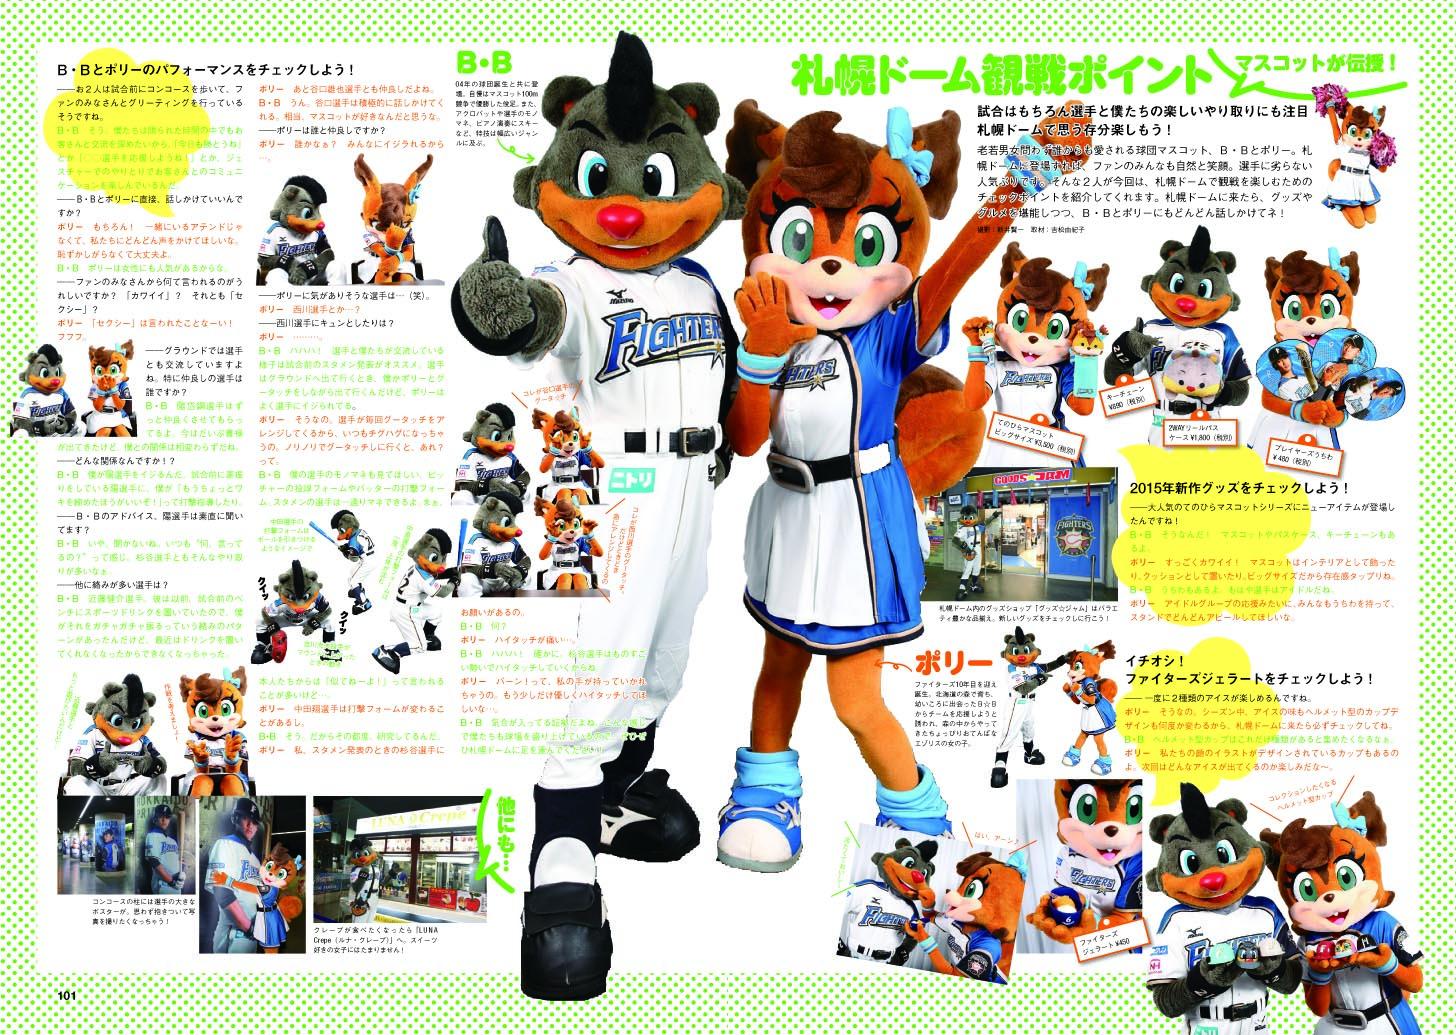 日本ハムファイターズプライベートブック